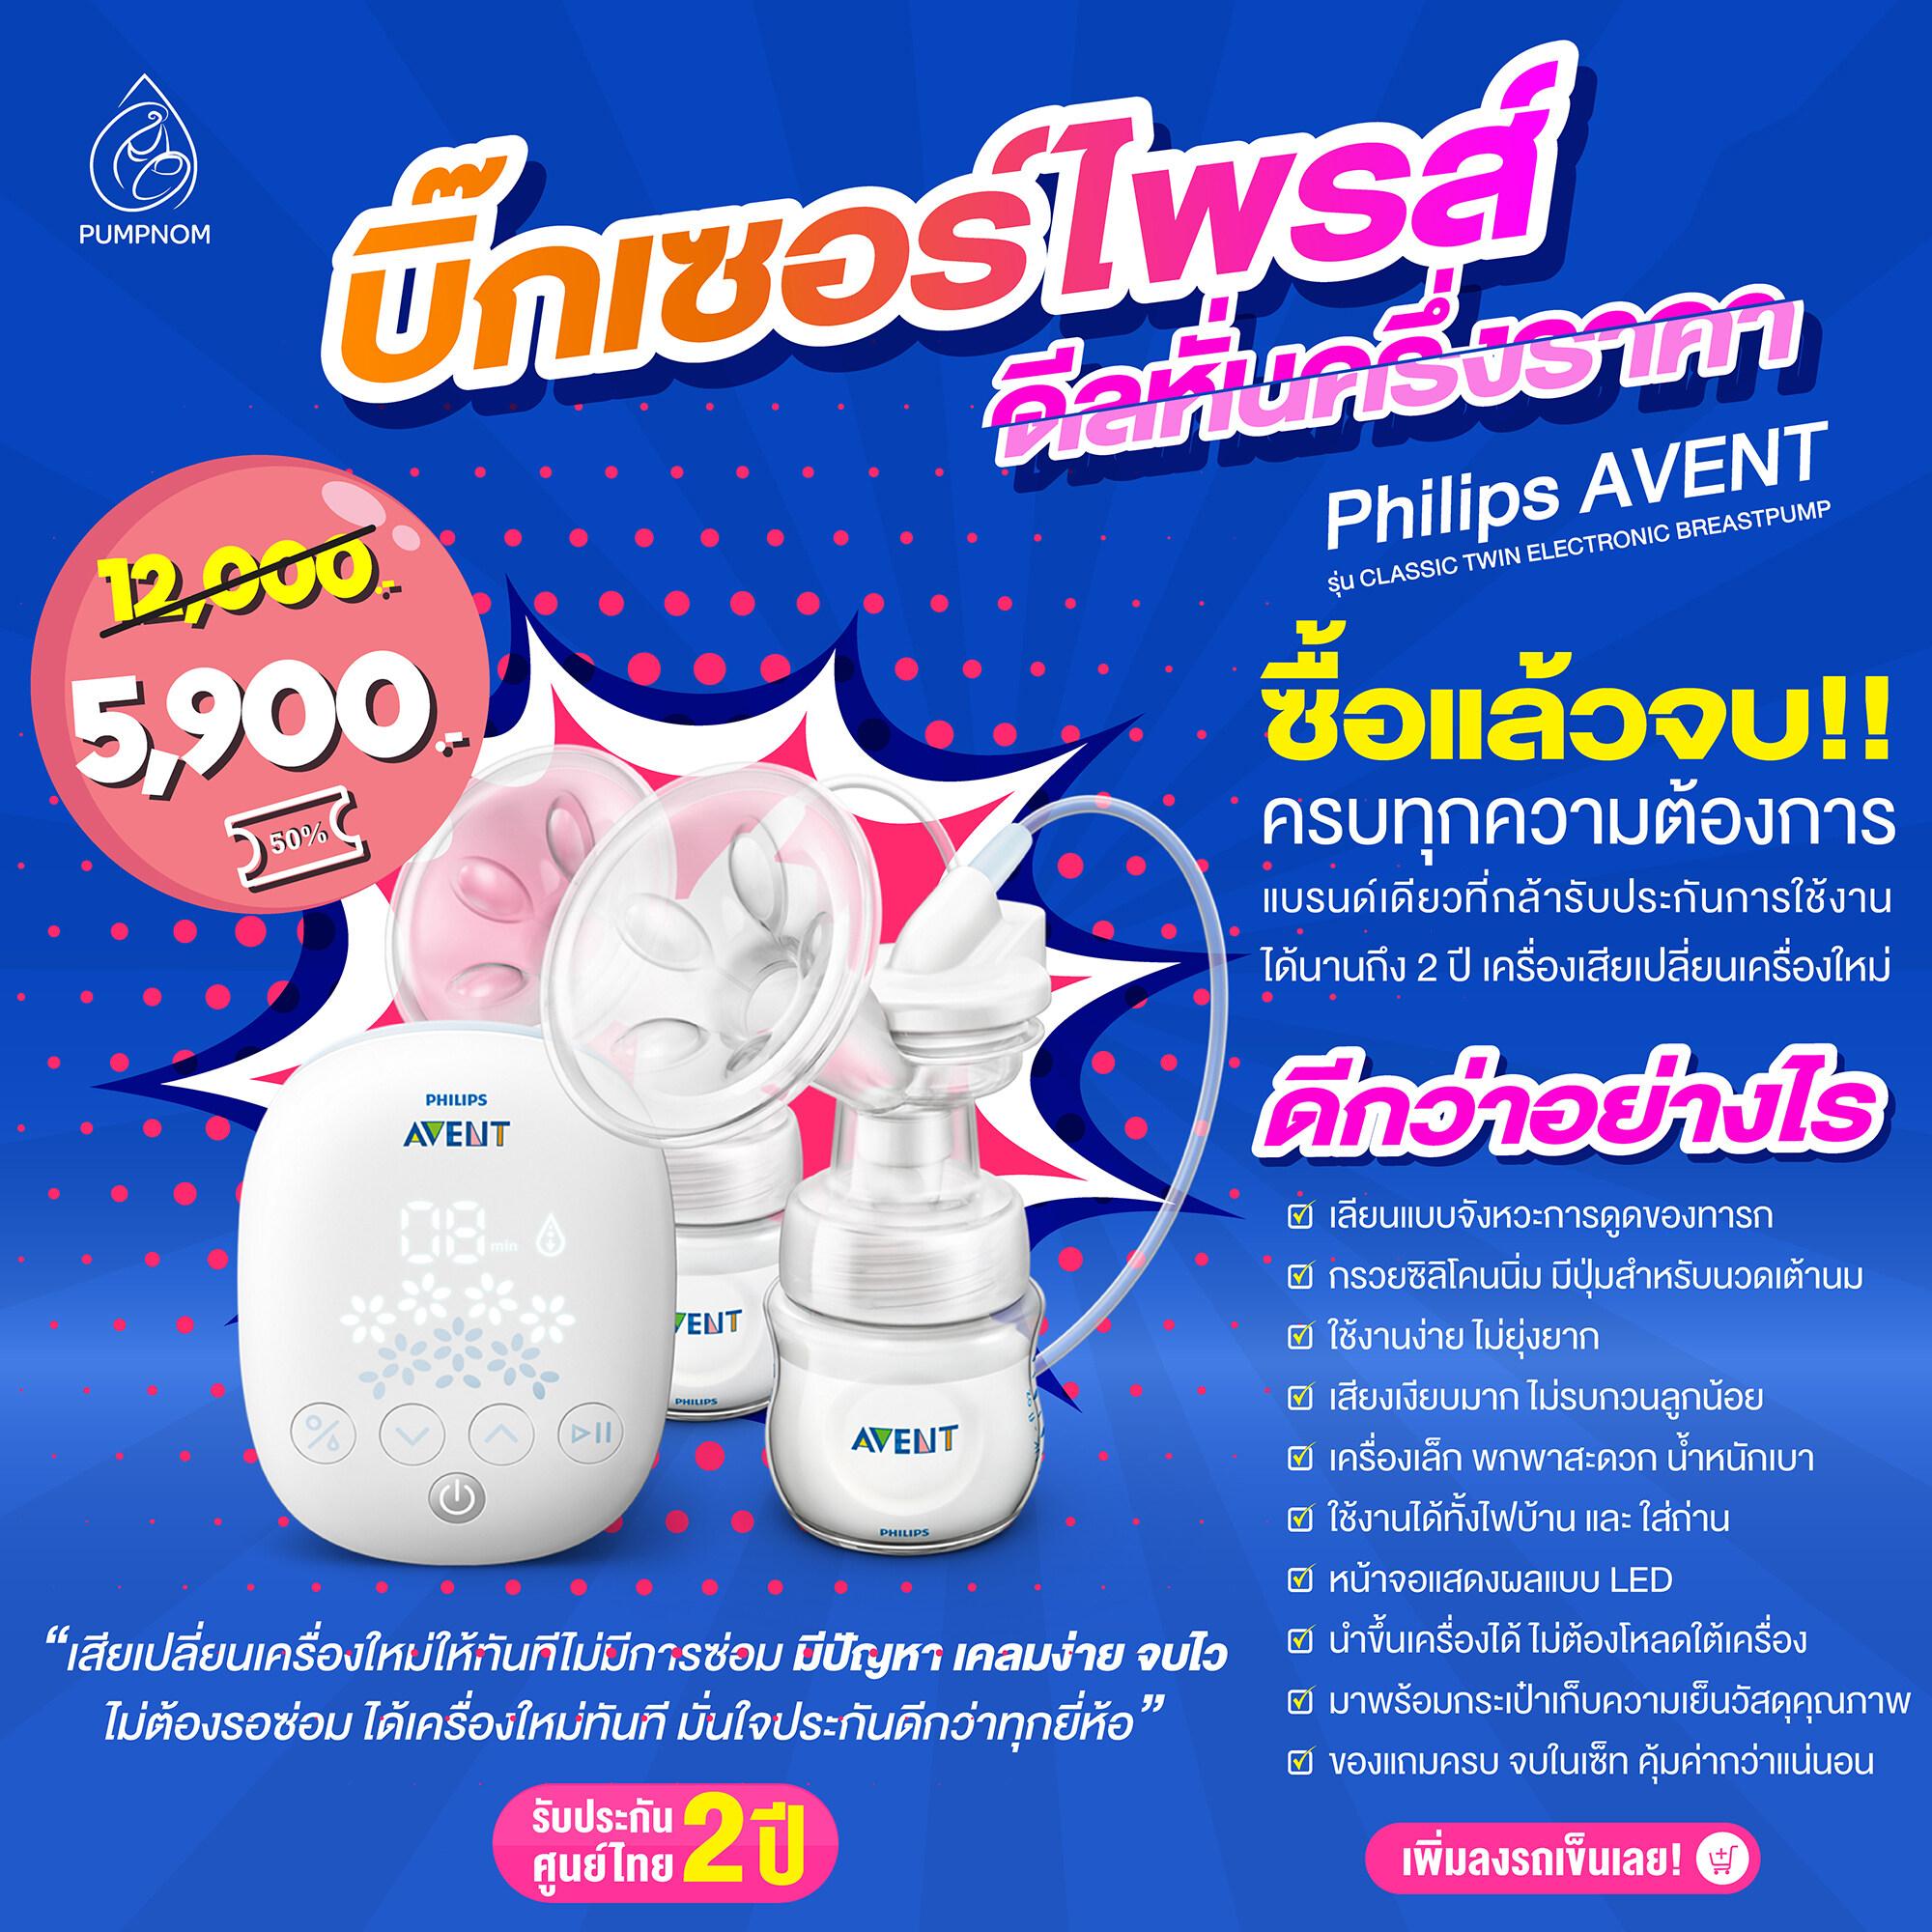 แนะนำ ลด50% บิ๊กเซอร์ไพรส์ ของแท้ศูนย์ไทย (ผ่อน 0% สูงสุด 10 เดือน) Philips AVENT (ฟิลลิป เอเว้นท์) เครื่องปั๊มนมไฟฟ้าแบบปั๊มคู่ ประกันศูนย์ไทย 2 ปี